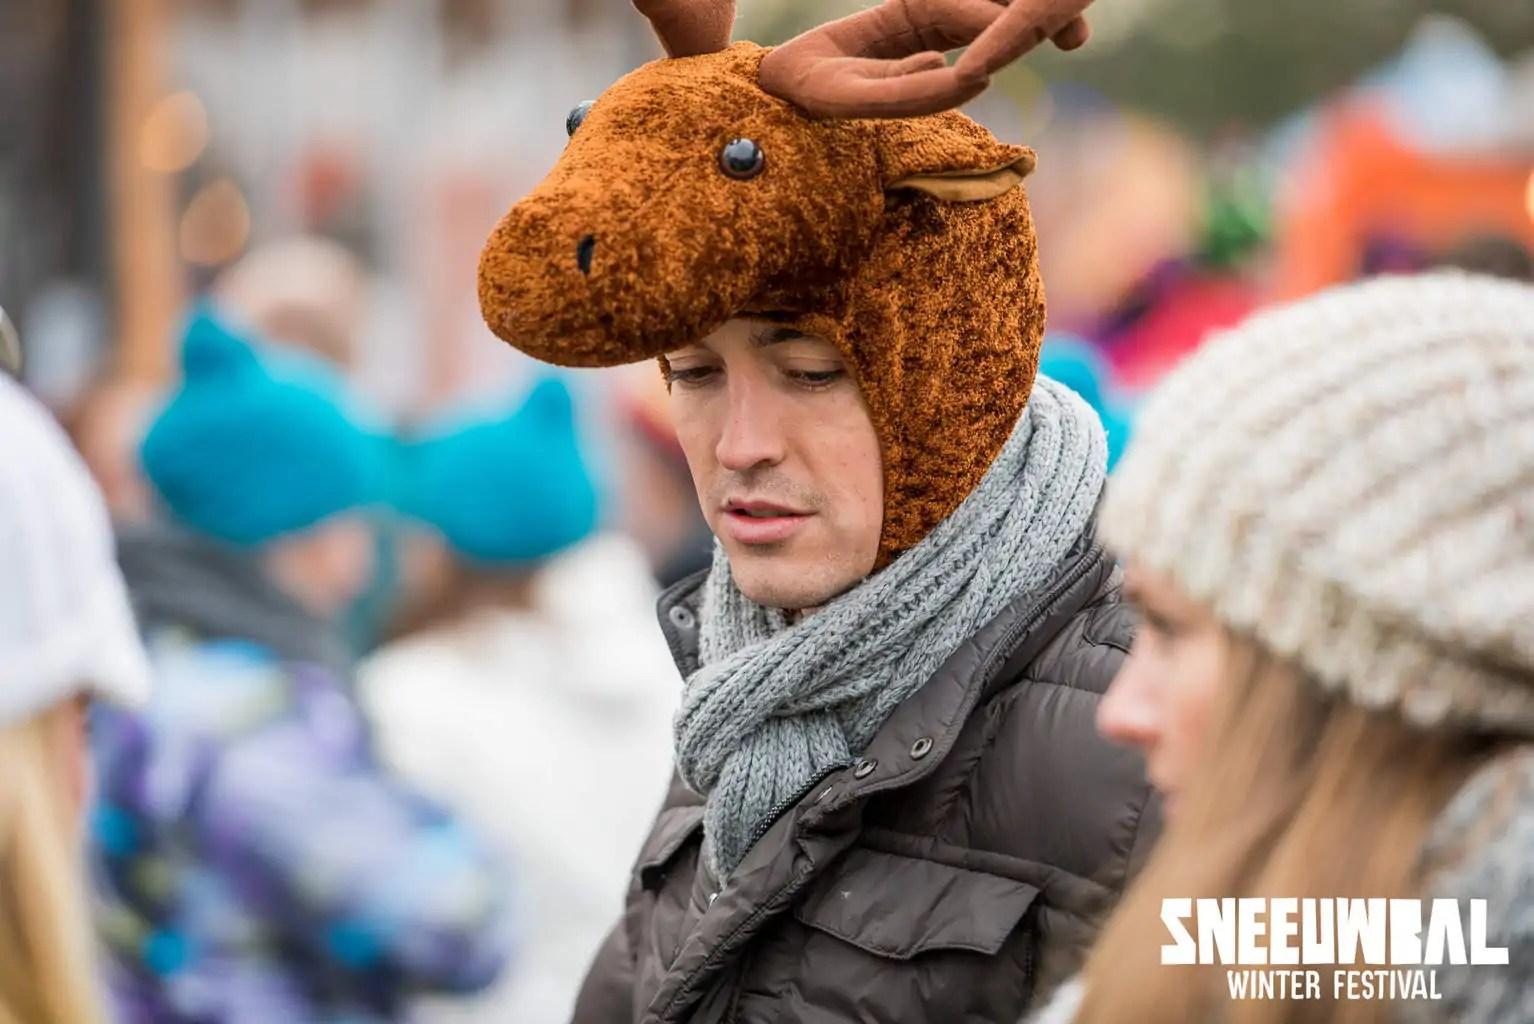 sneeuwbalwinterfestival 5